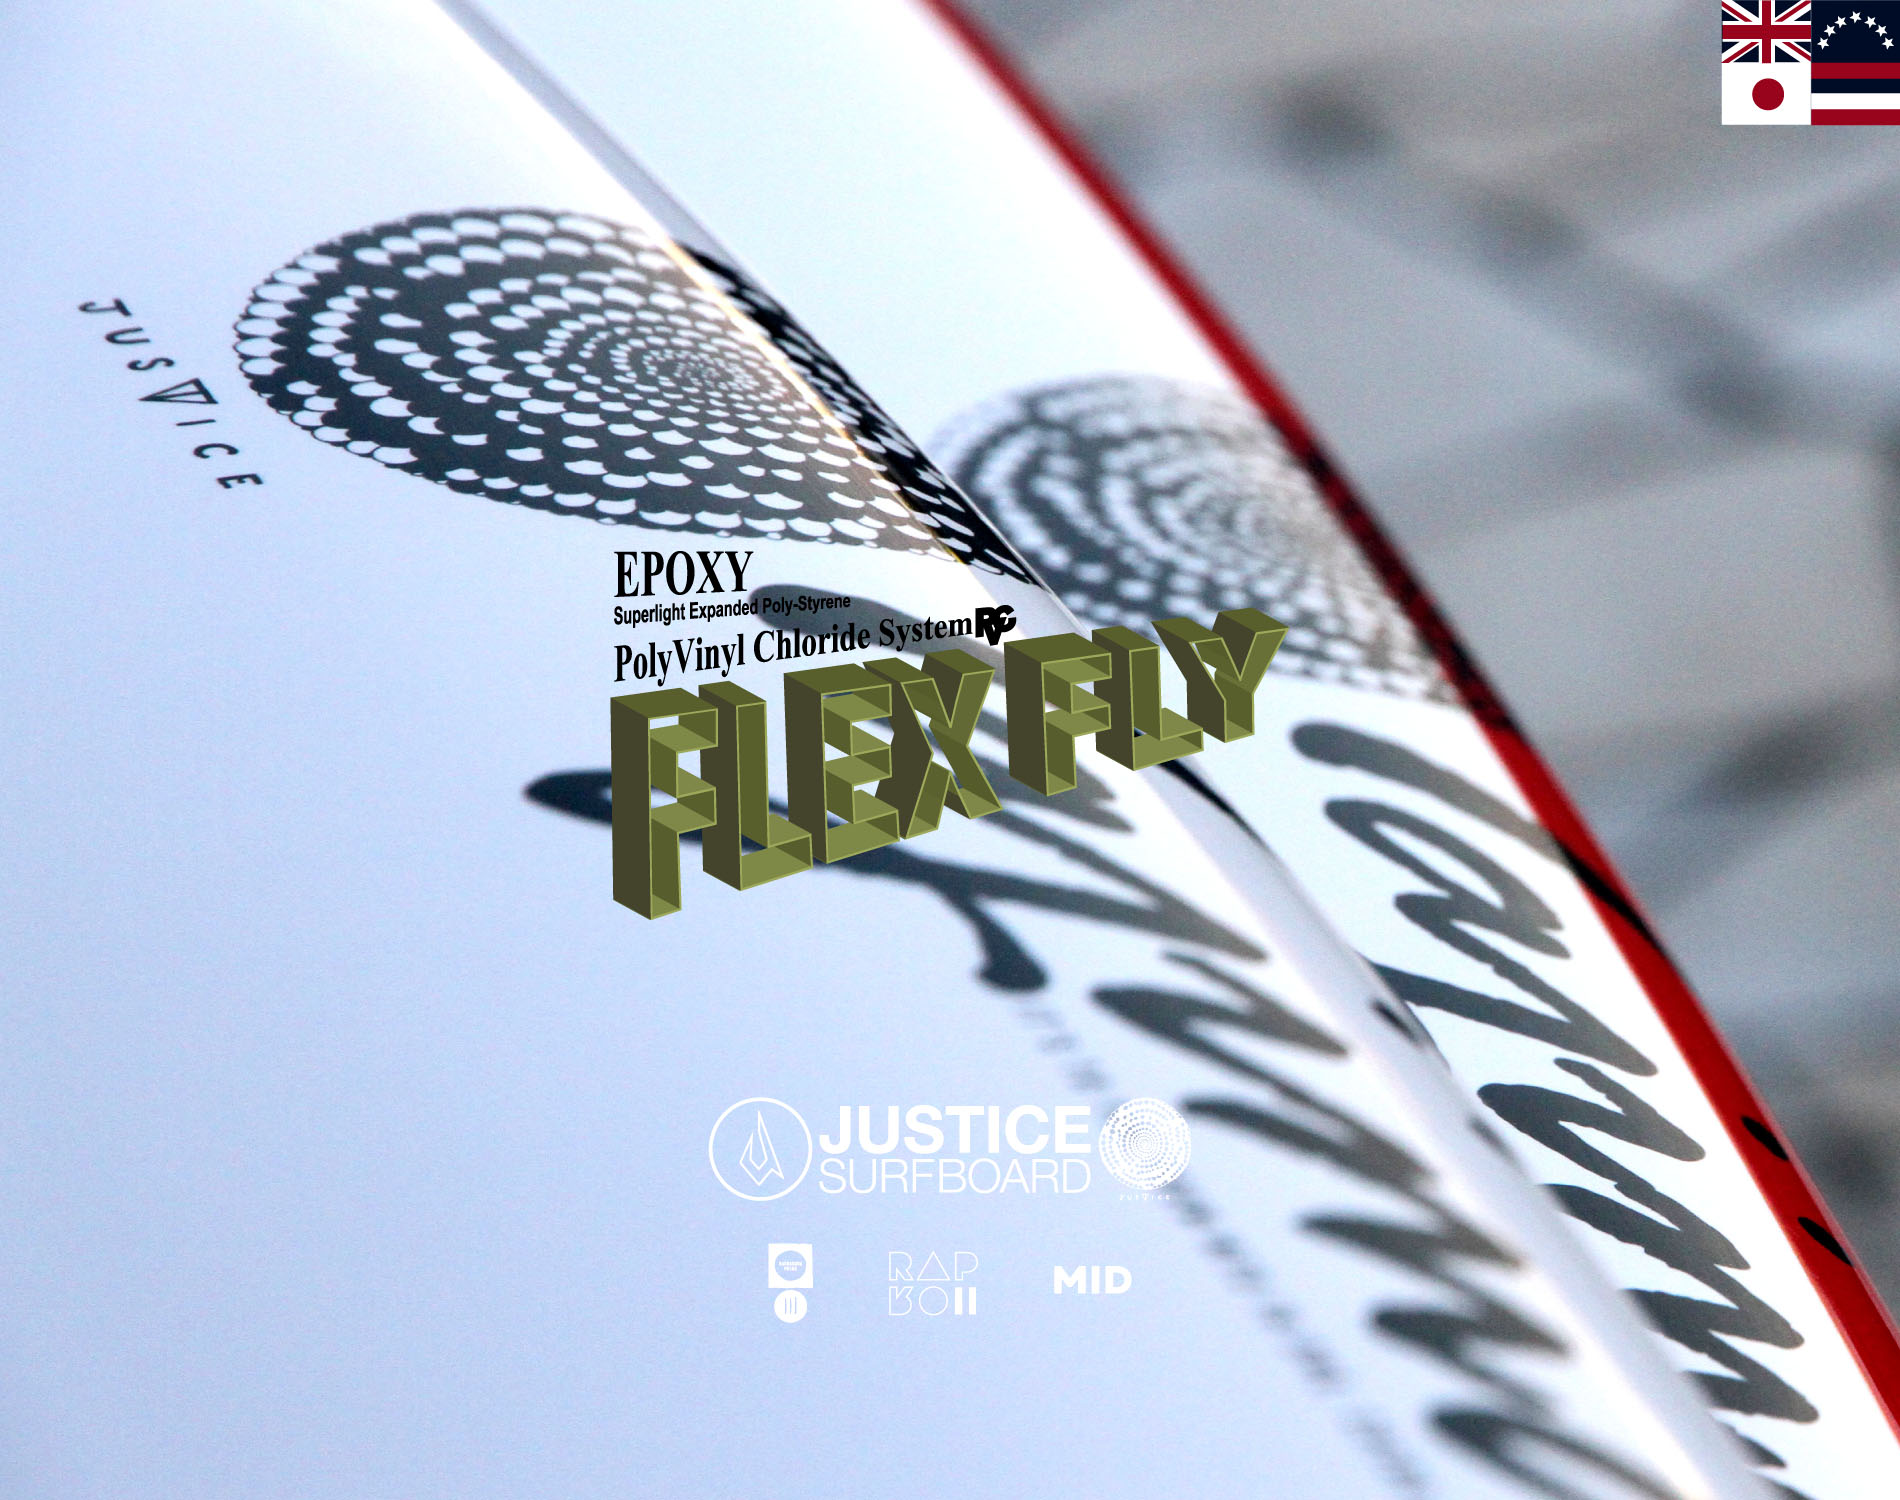 ジャスティスサーフボード|2020 FLEX FLY MATERIAL